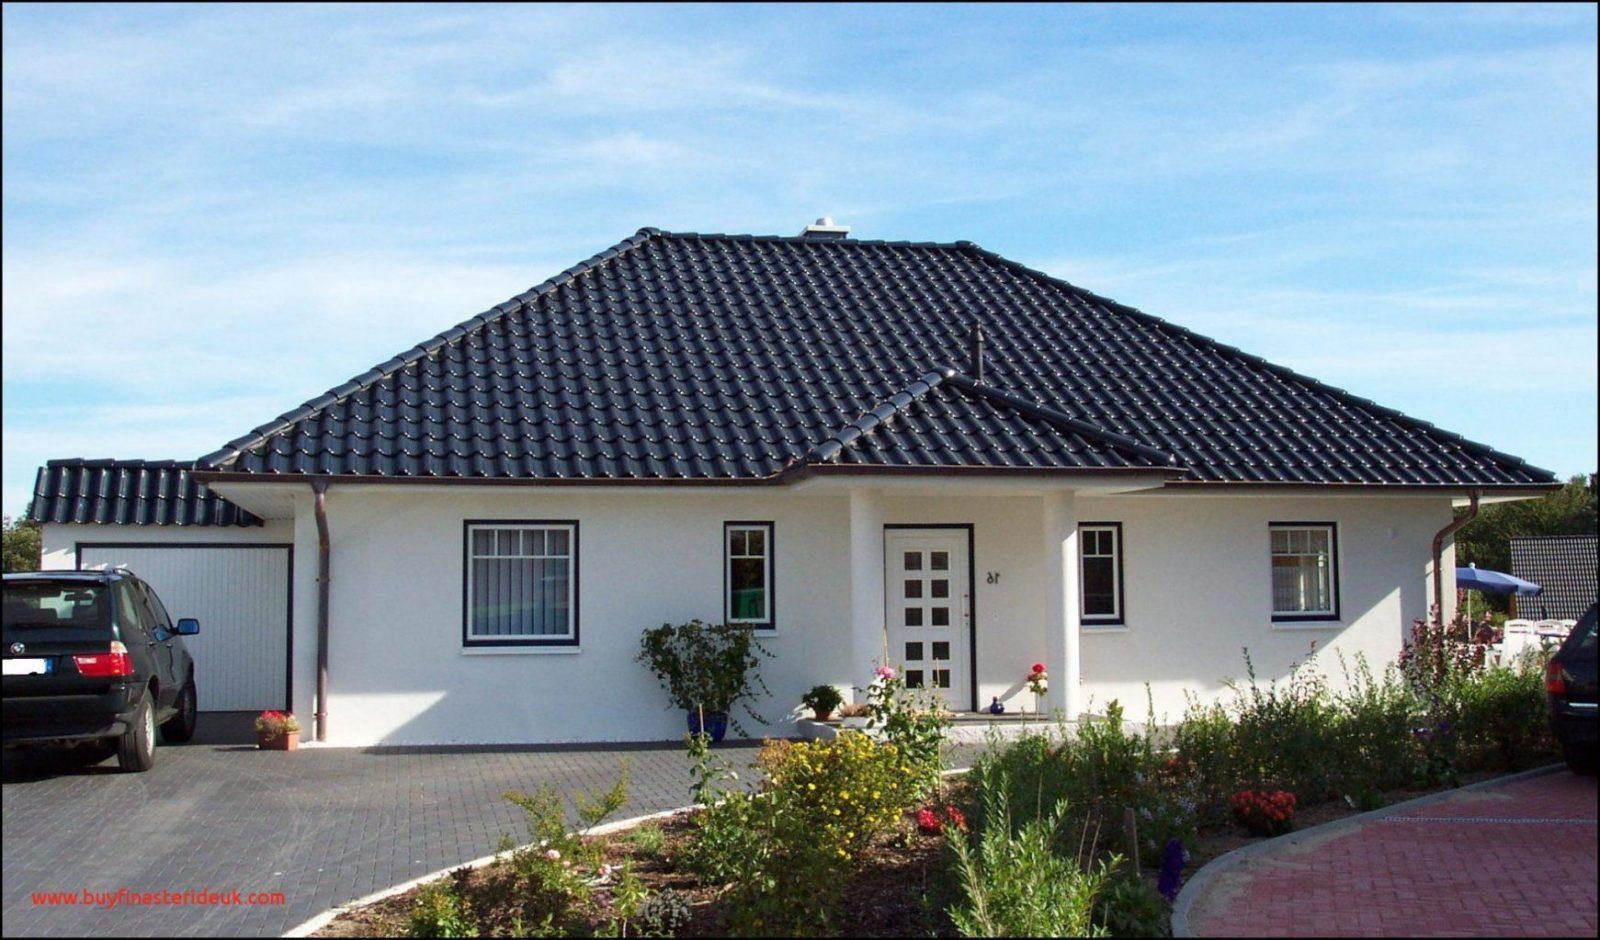 Allkauf Haus Preise Schlüsselfertig Von Genial Haus Schlüsselfertig von Kosten Allkauf Haus Schlüsselfertig Photo